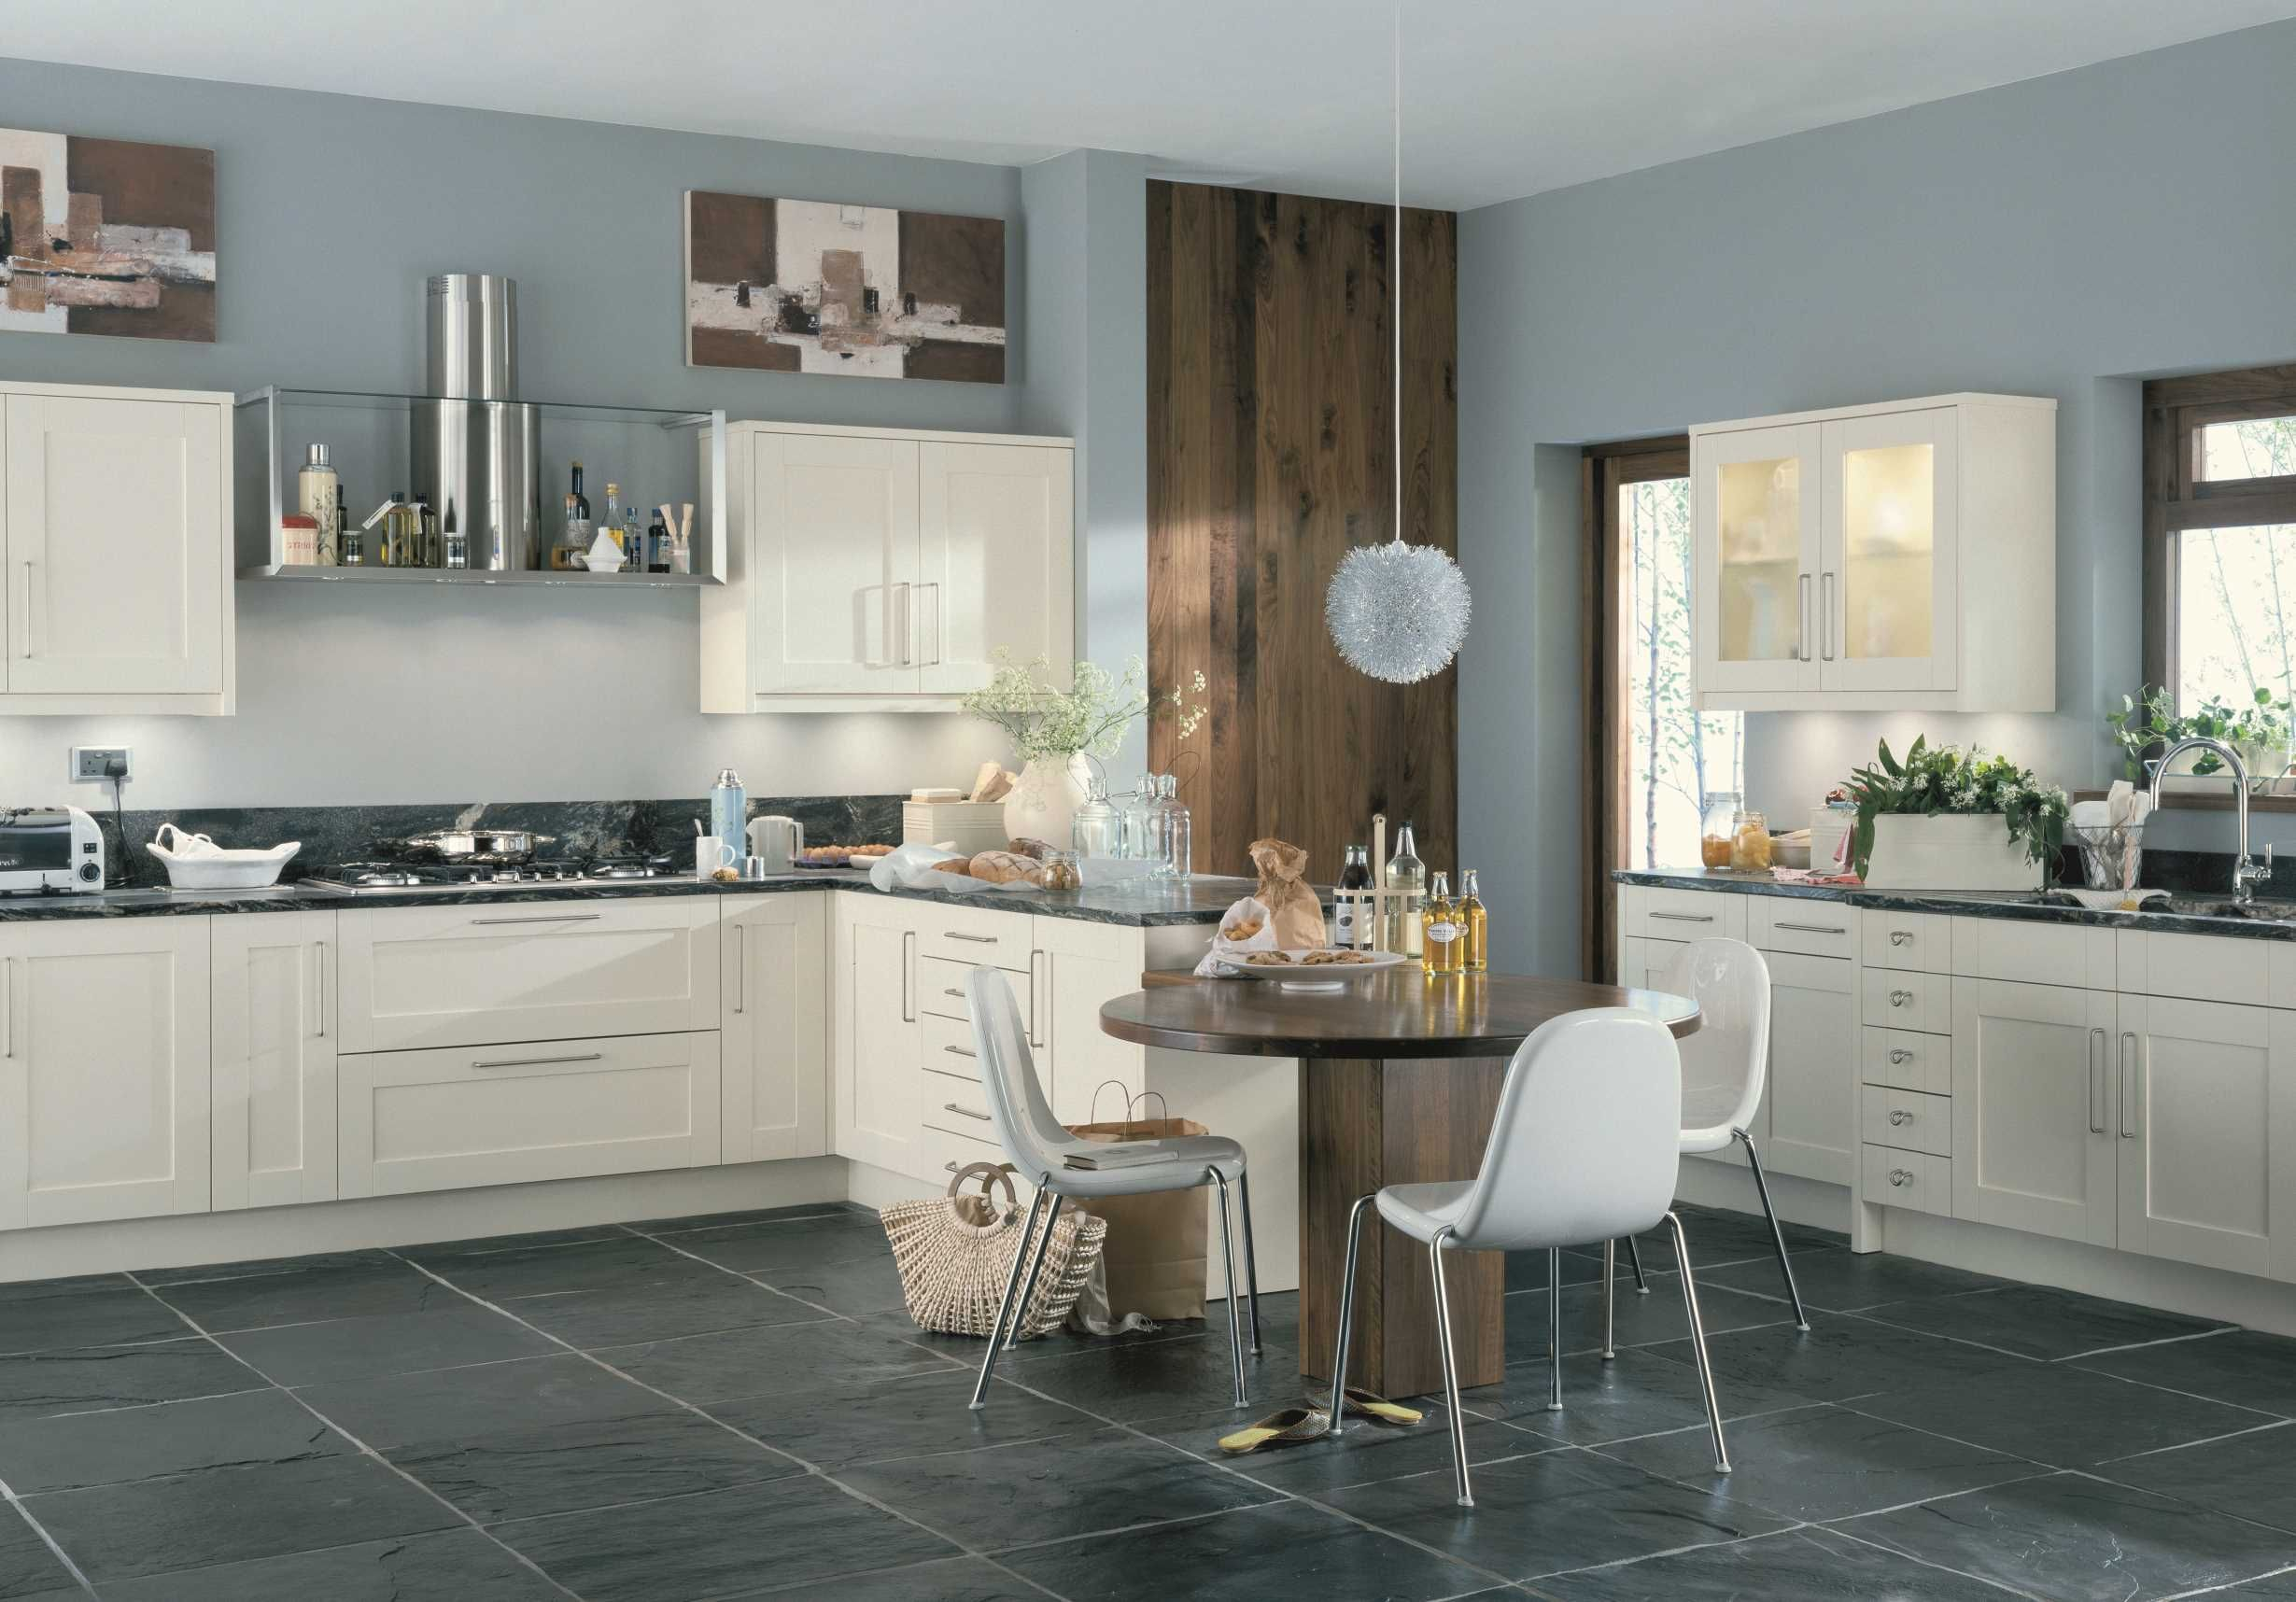 scope-ivory-blue-walls-white-kitchen-black-marble-worktop-kitchen